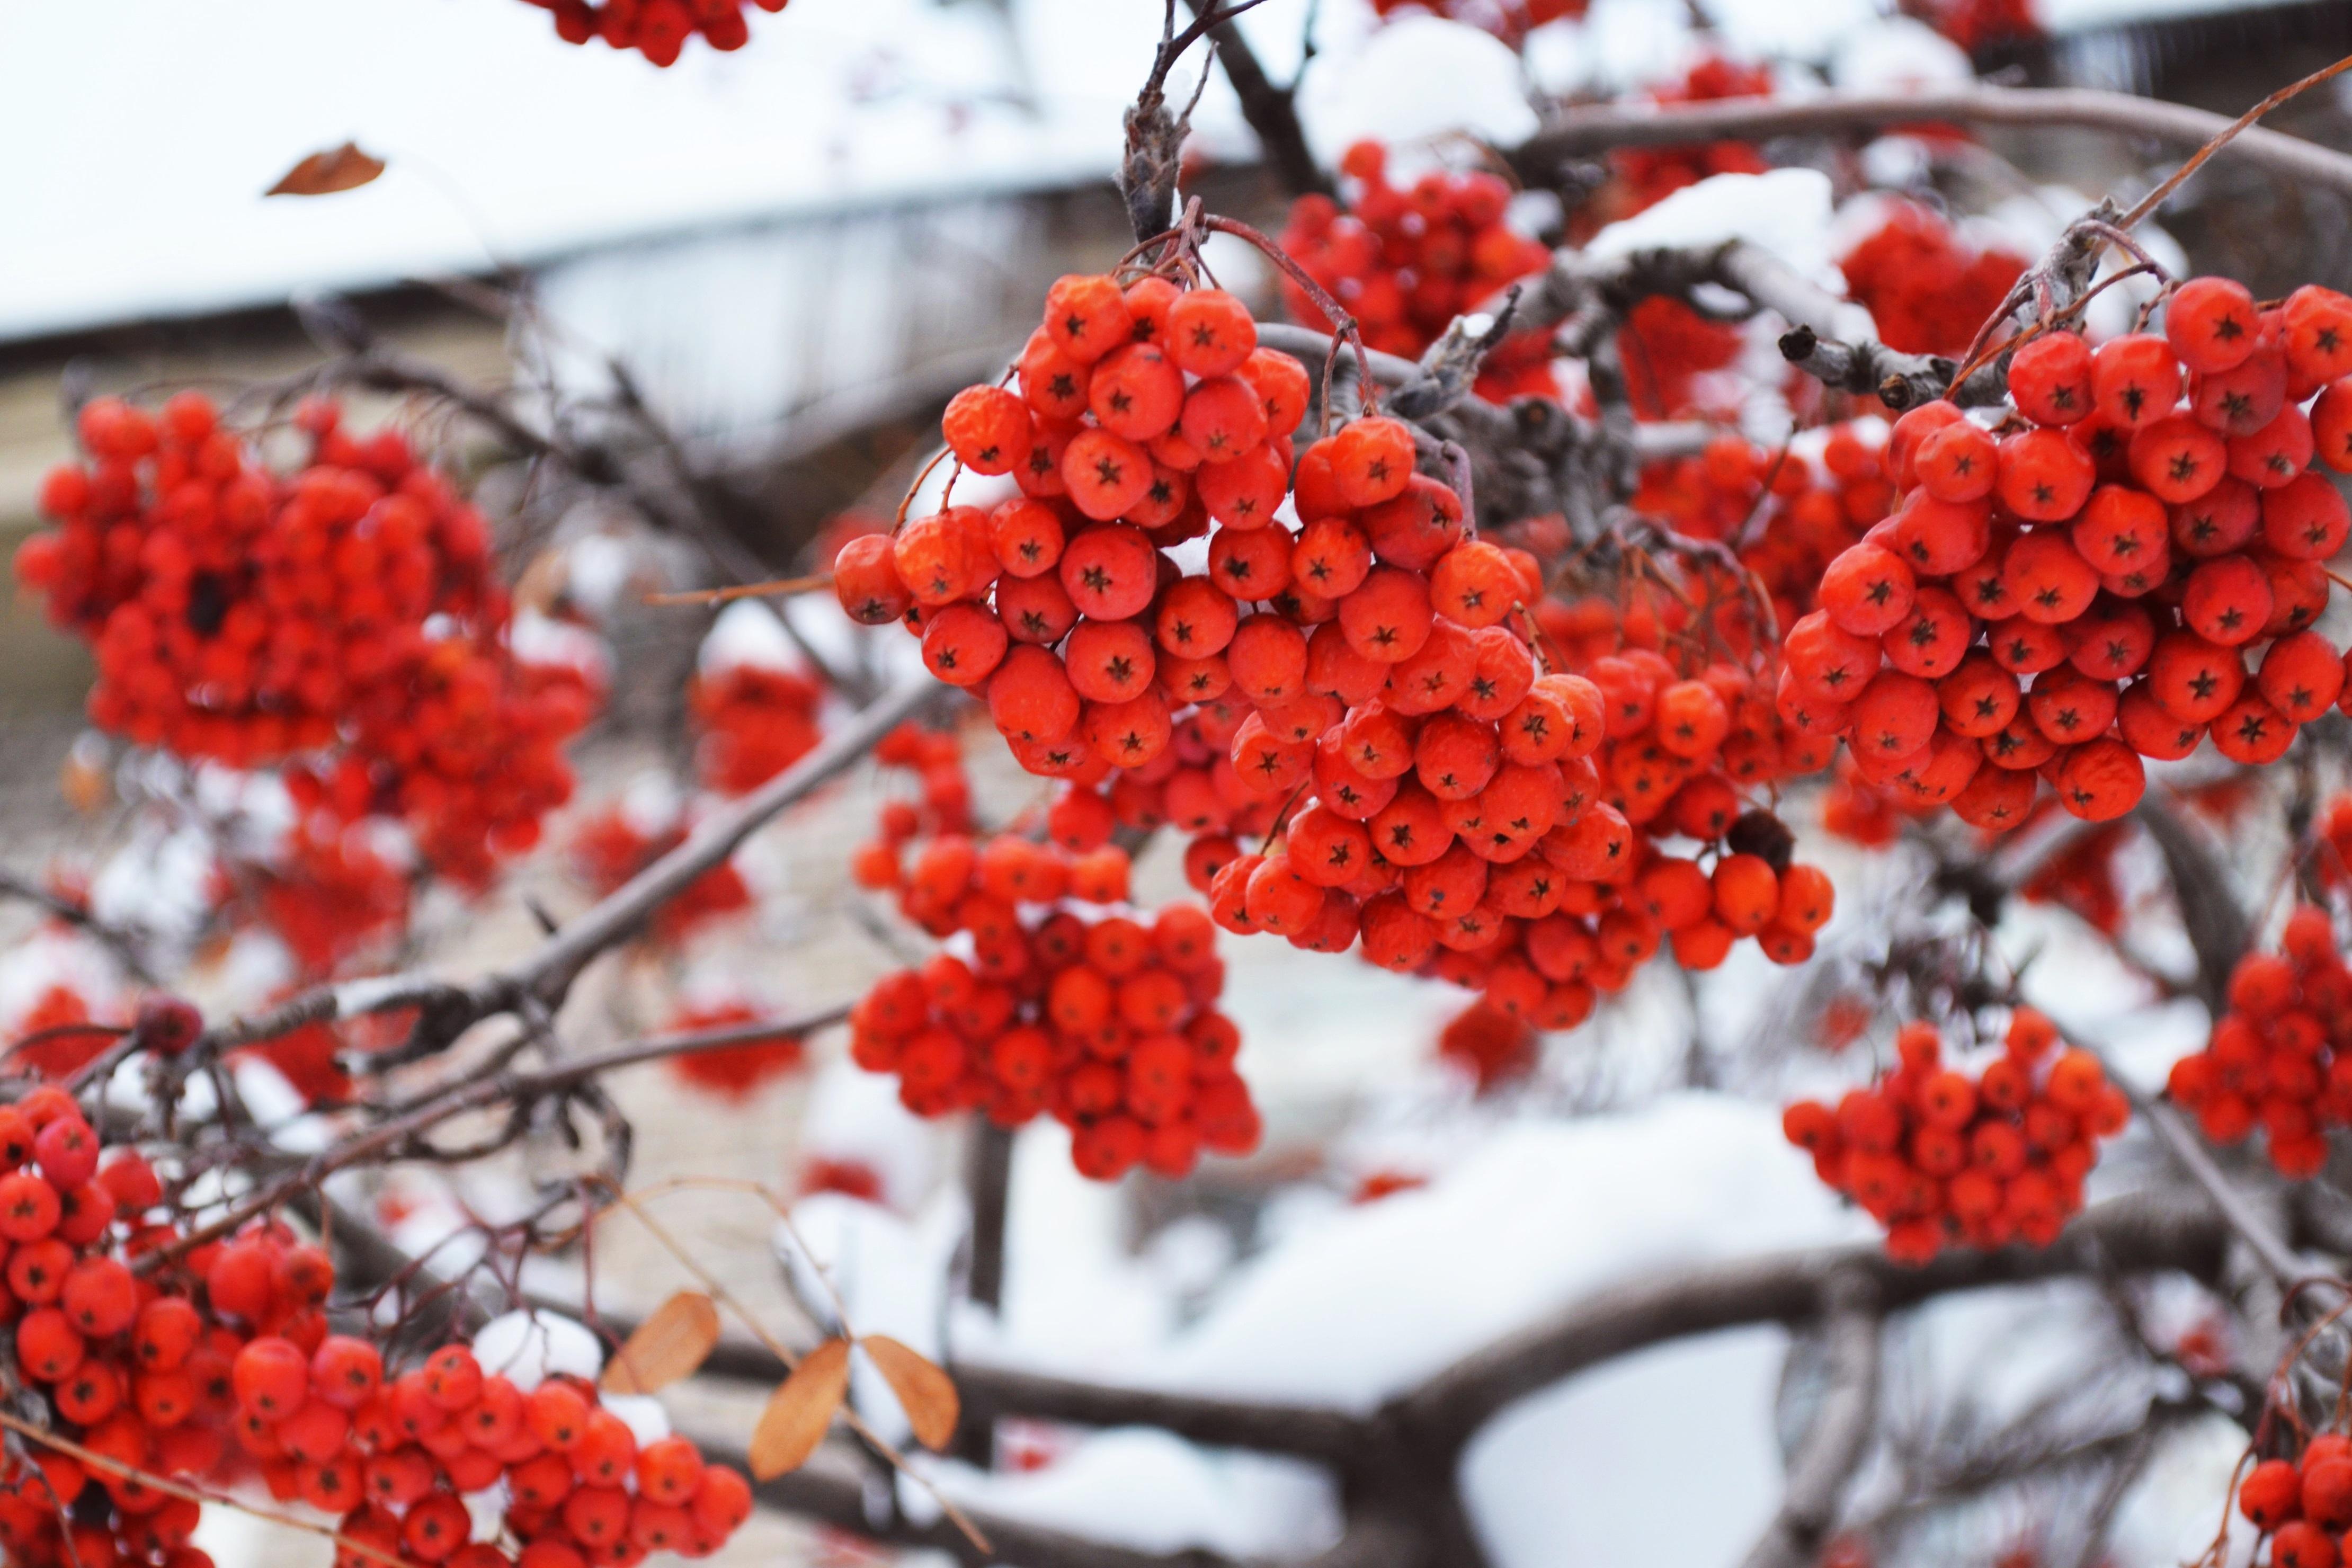 природа мороз рябина зима ветки еда ягоды  № 457132 загрузить